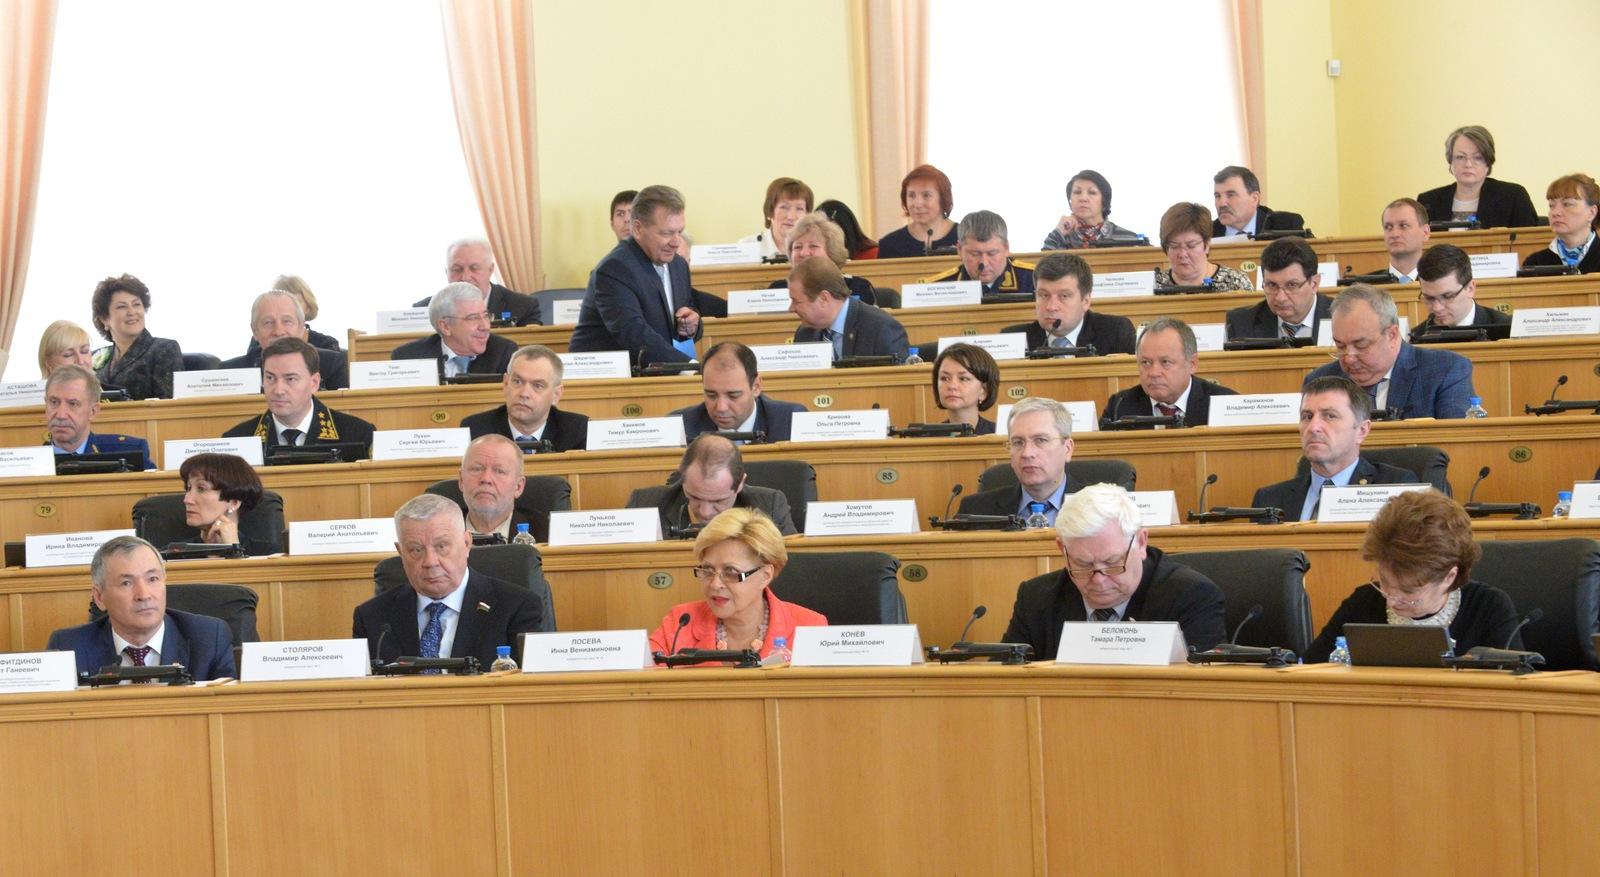 Назначен новый глава «Корпорации развития». Маслова сменил его заместитель построительству